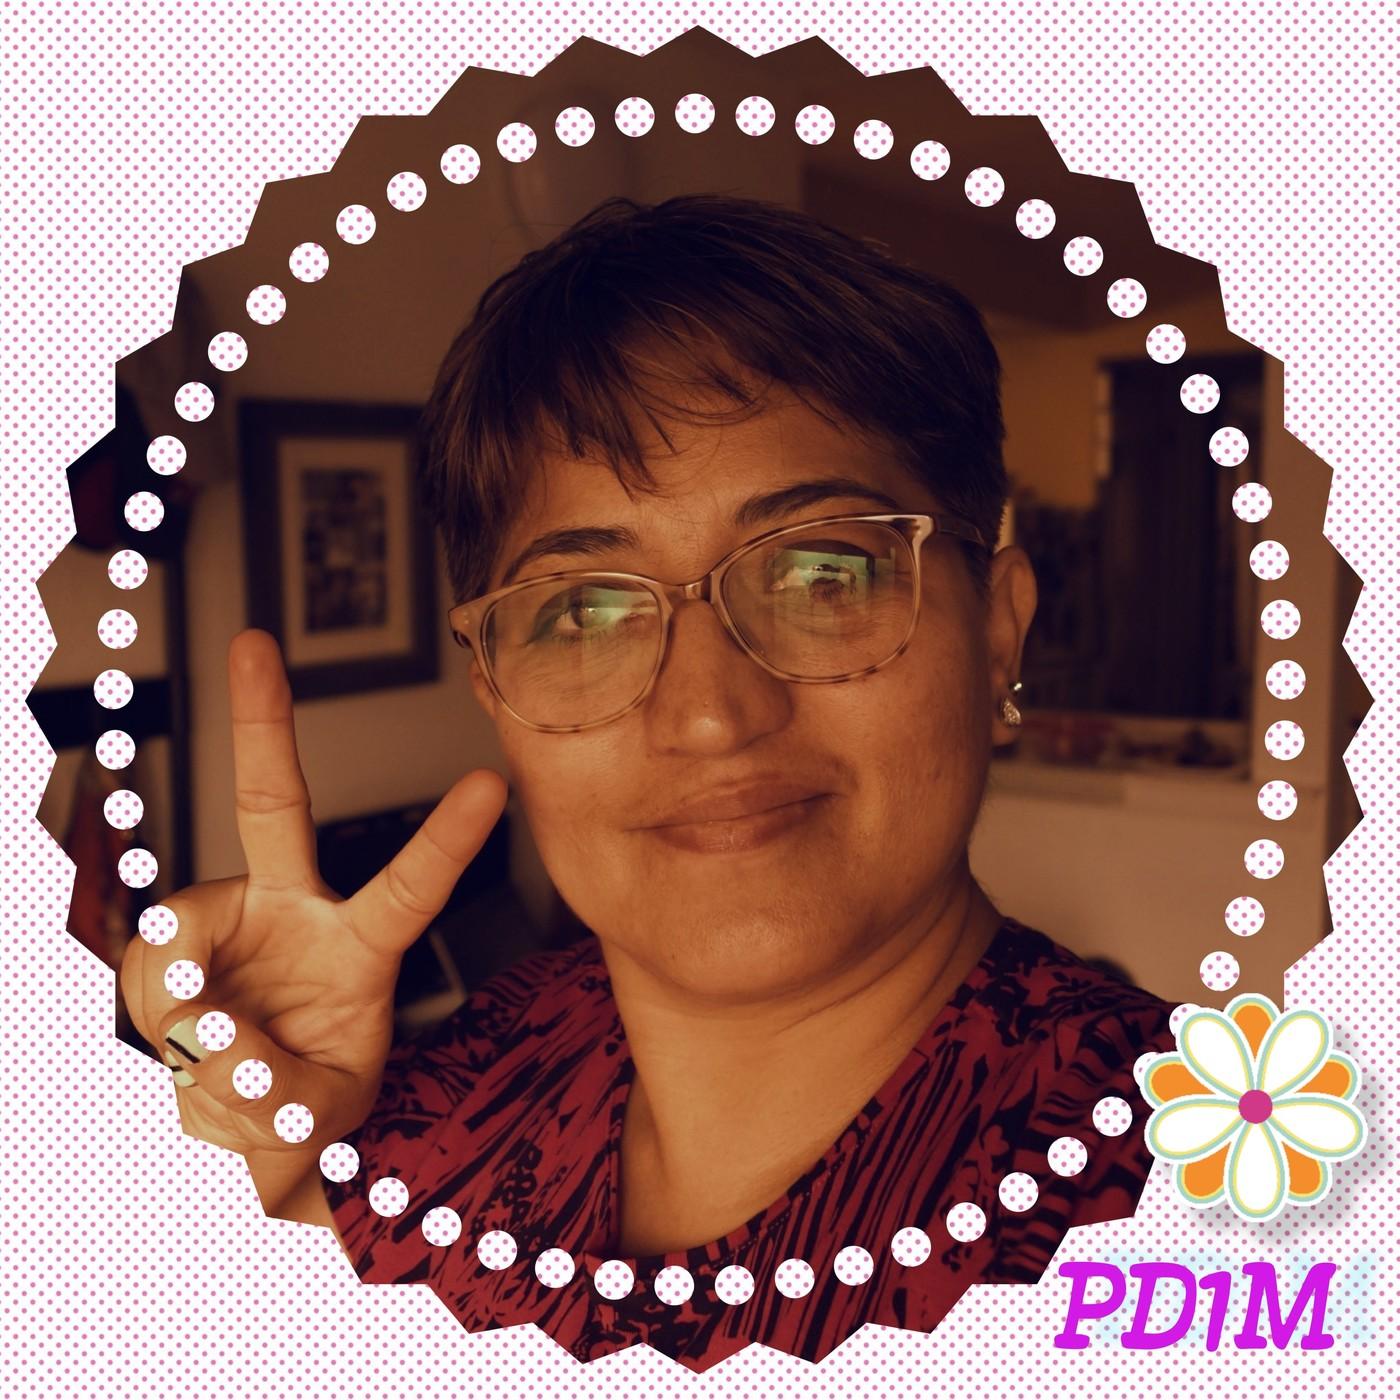 Comenzamos el año PD1M.001